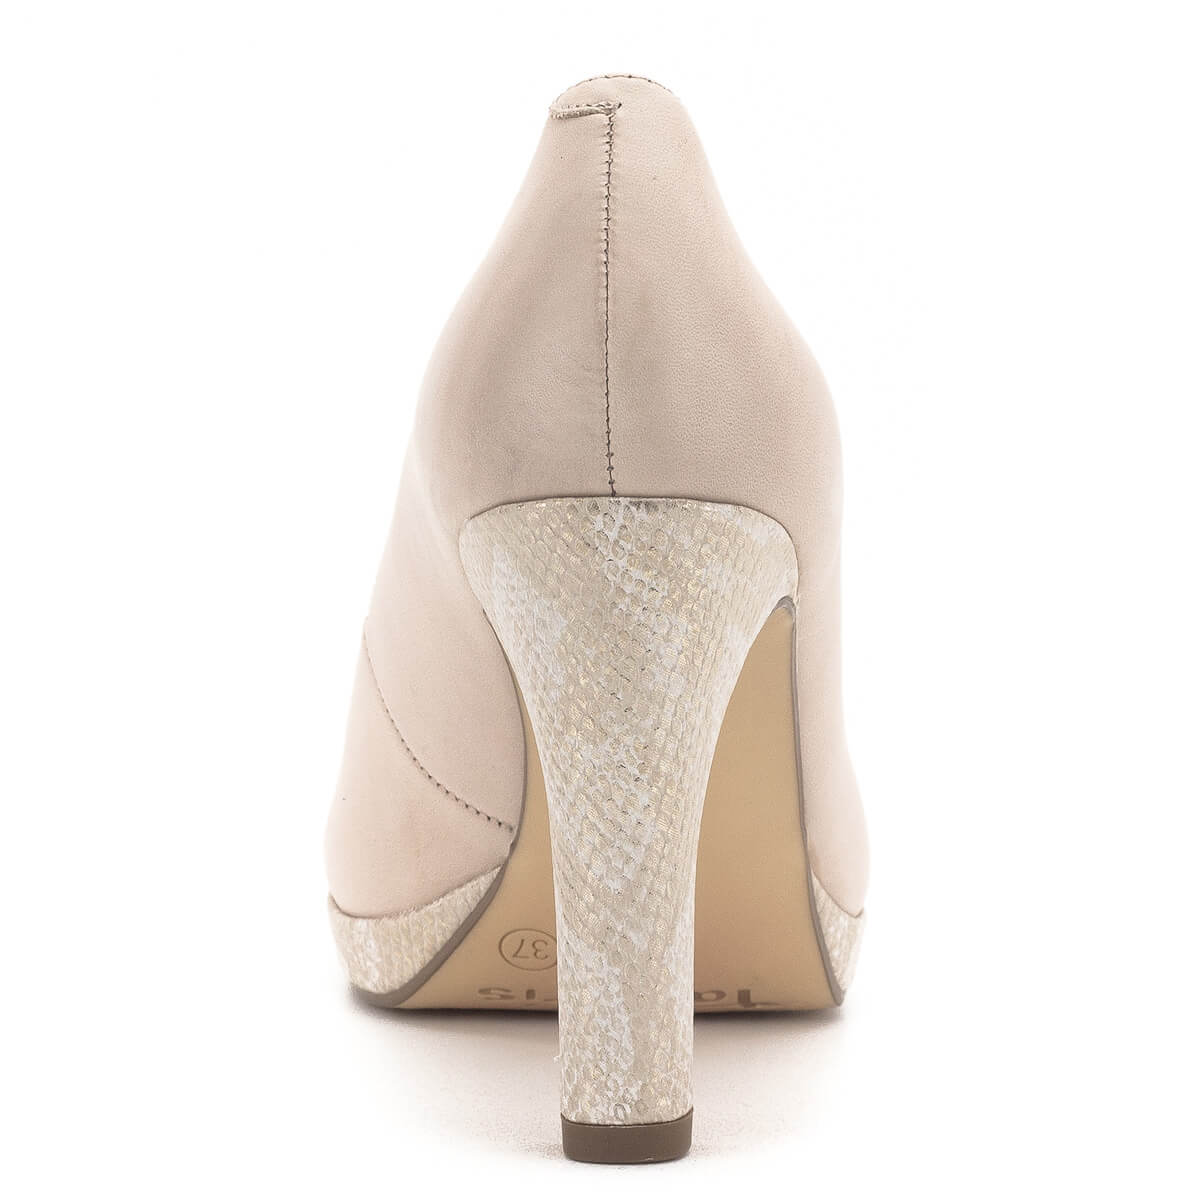 af7442a2e045 ... Magas sarkú Tamaris cipő púder rózsaszín színben. Tamaris Touch It  talpbéléssel készült, a 2 ...